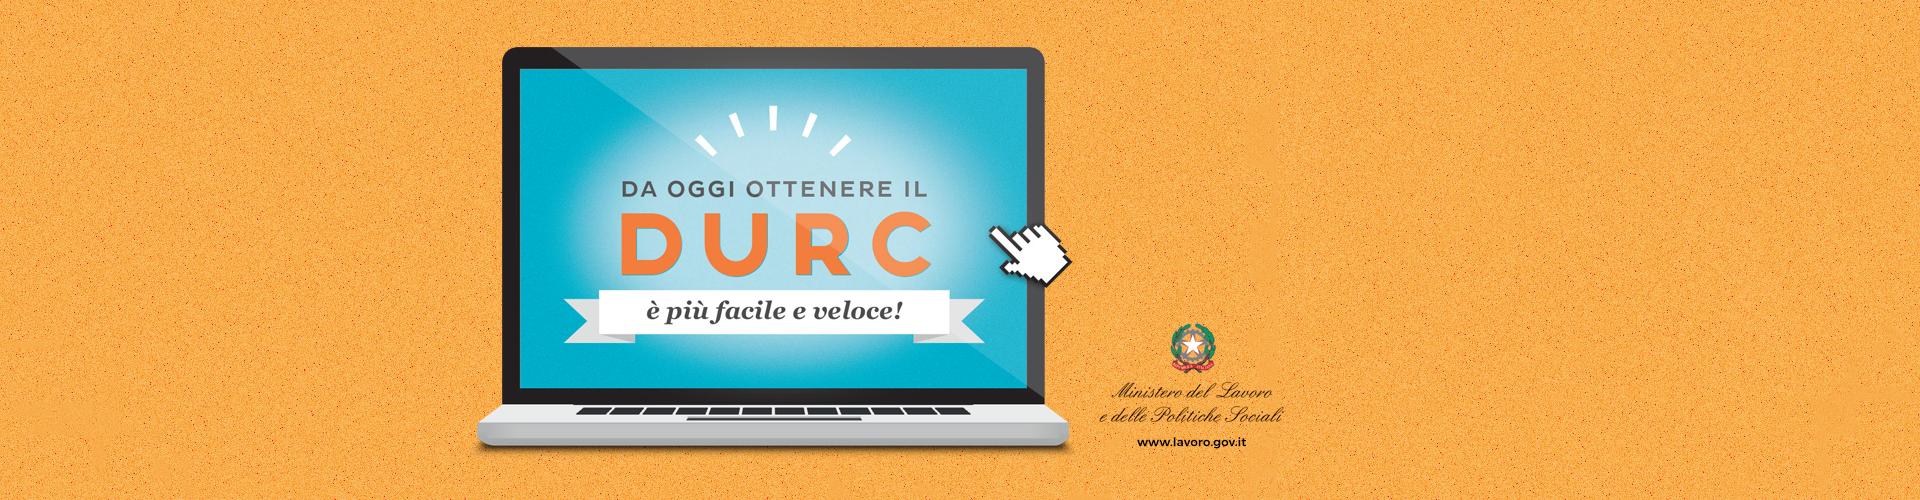 Accedi al nuovo DURC online